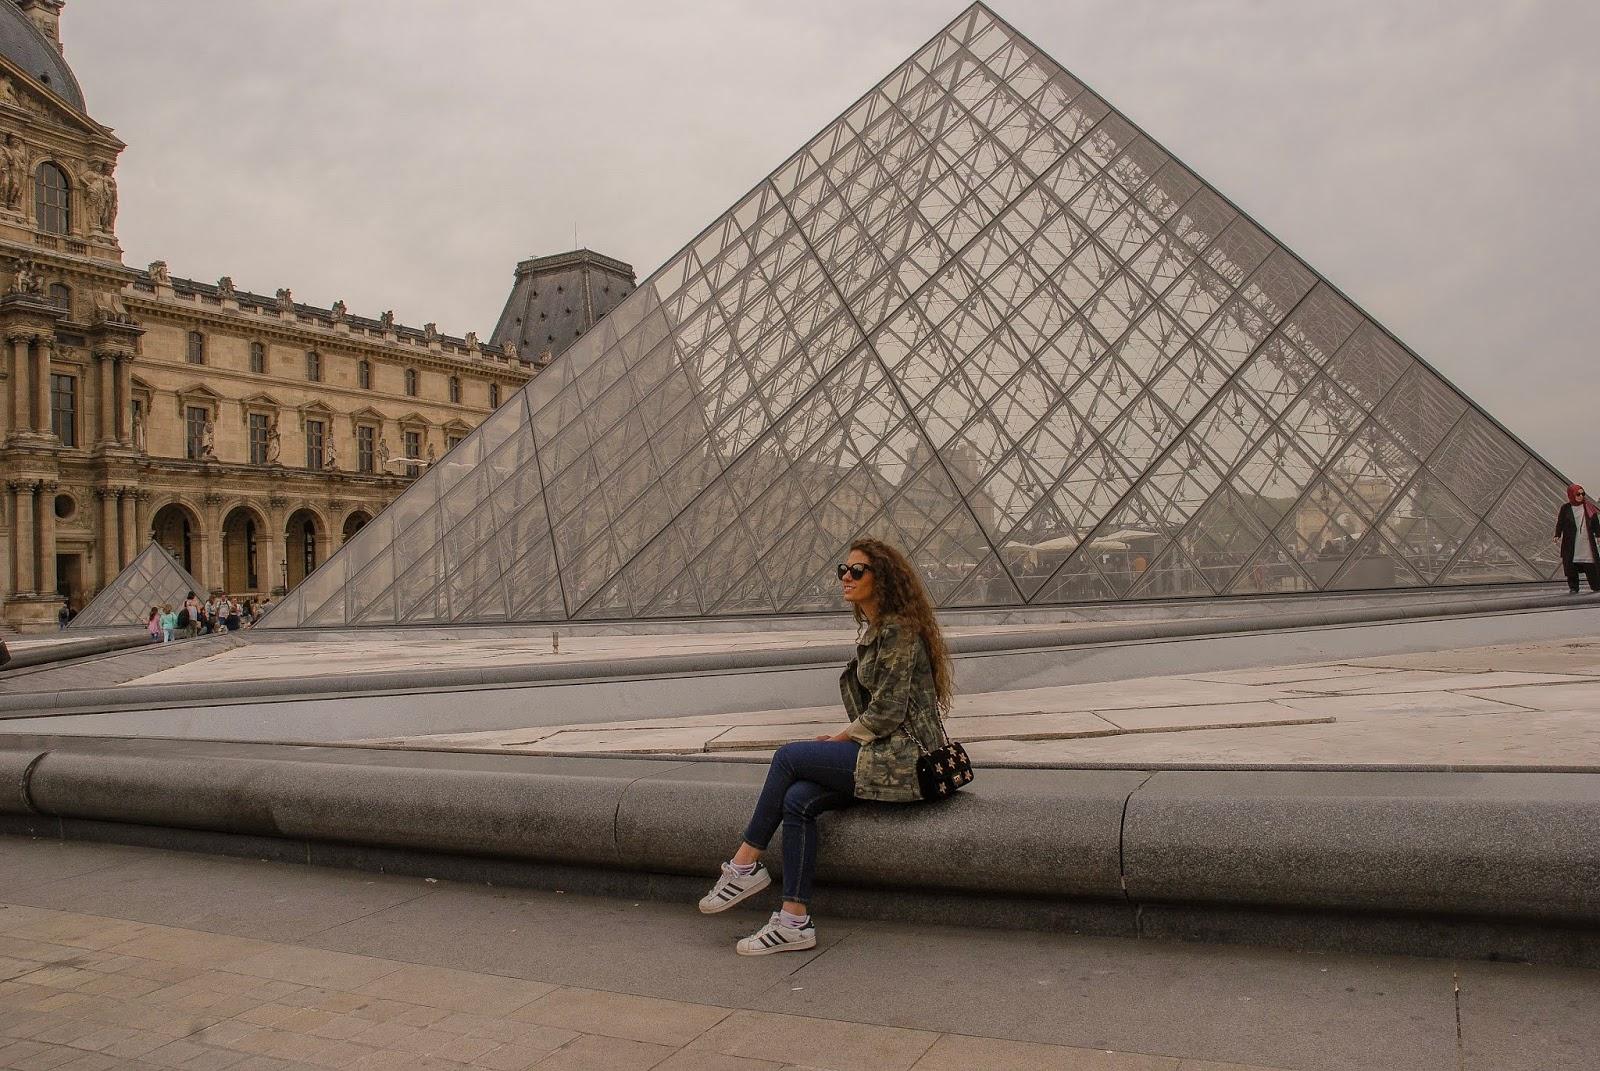 San Valentino a Parigi cosa fare e cosa vedere nella città dell'amore, Valentina Rago, fashion need, cosa fare a Parigi, cosa vedere a Parigi, cosa fare nella ville lumiere